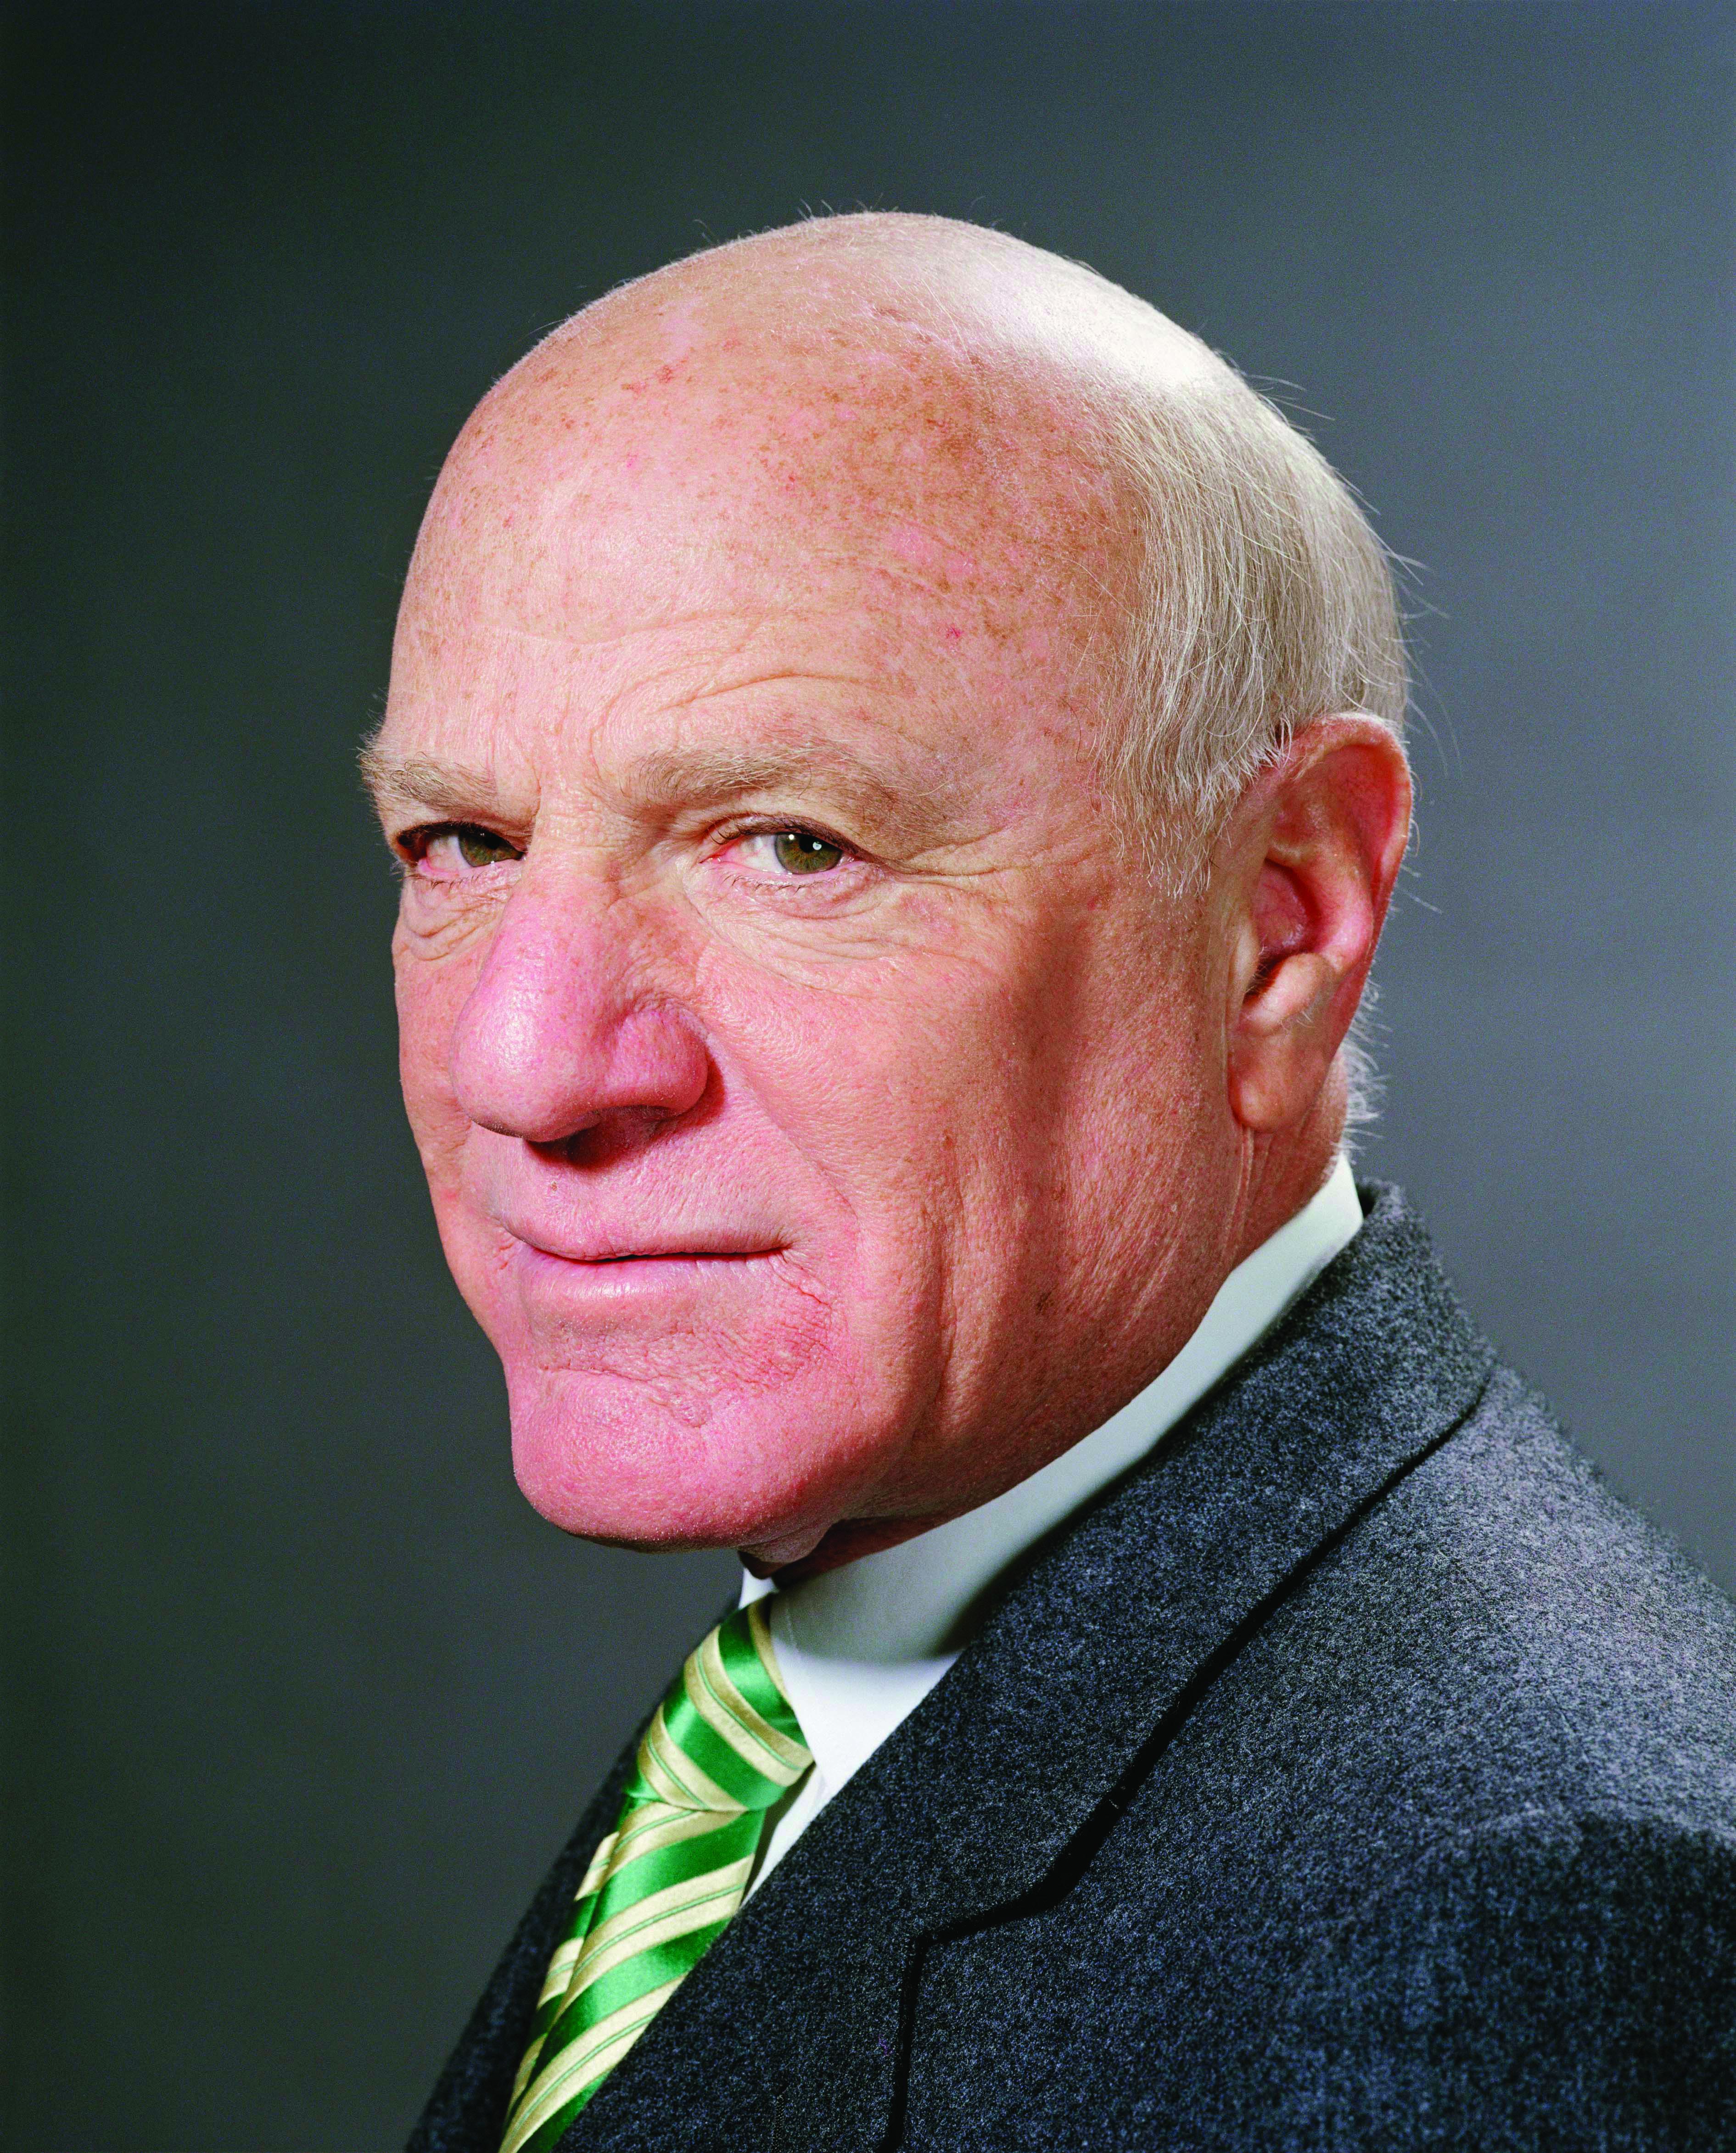 Barry Diller Headshot